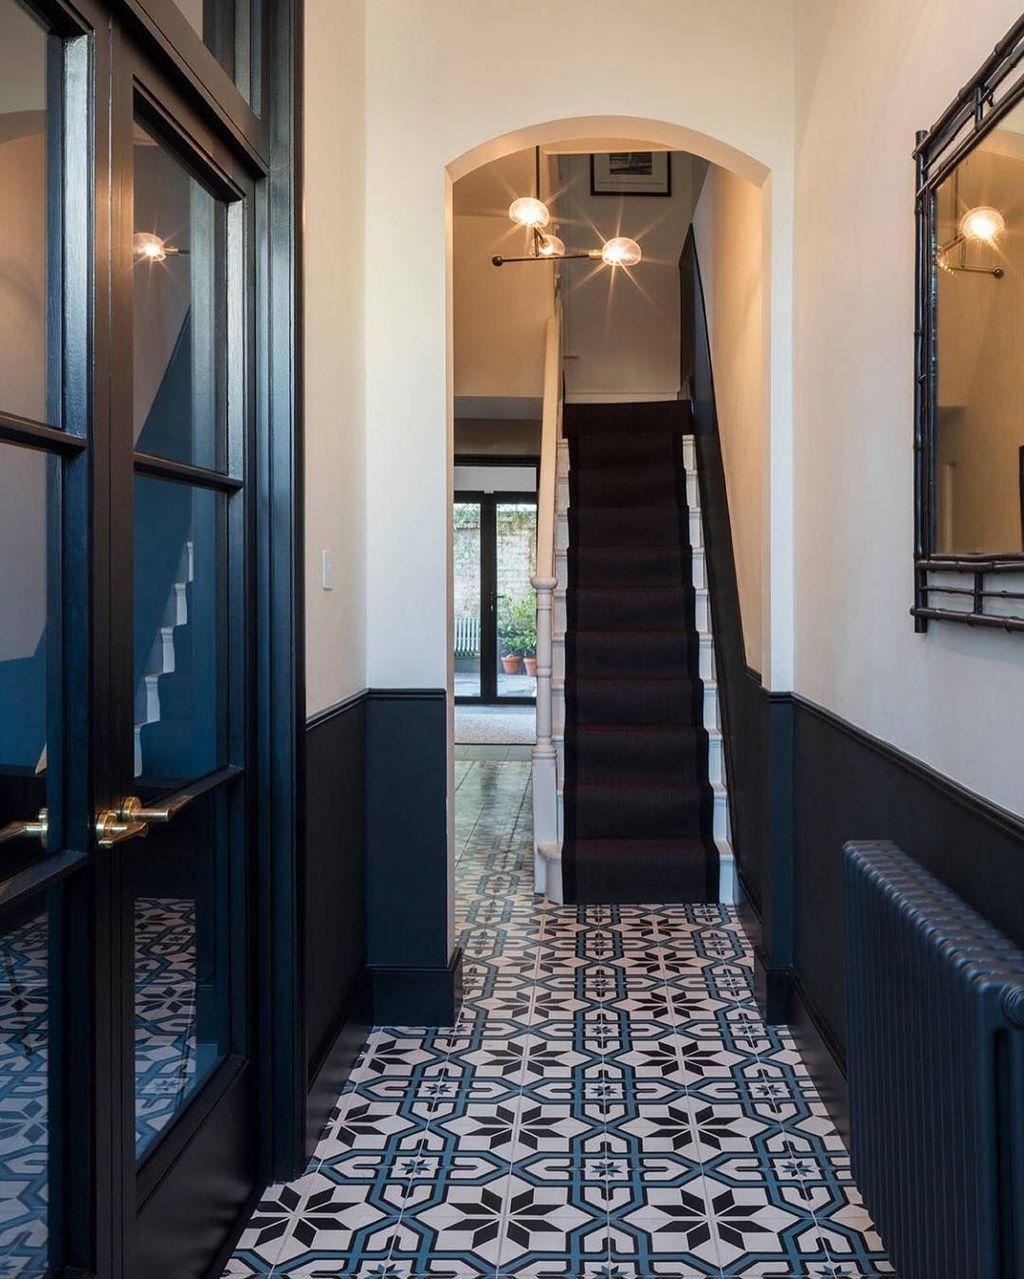 Pin On Hallway Tiles